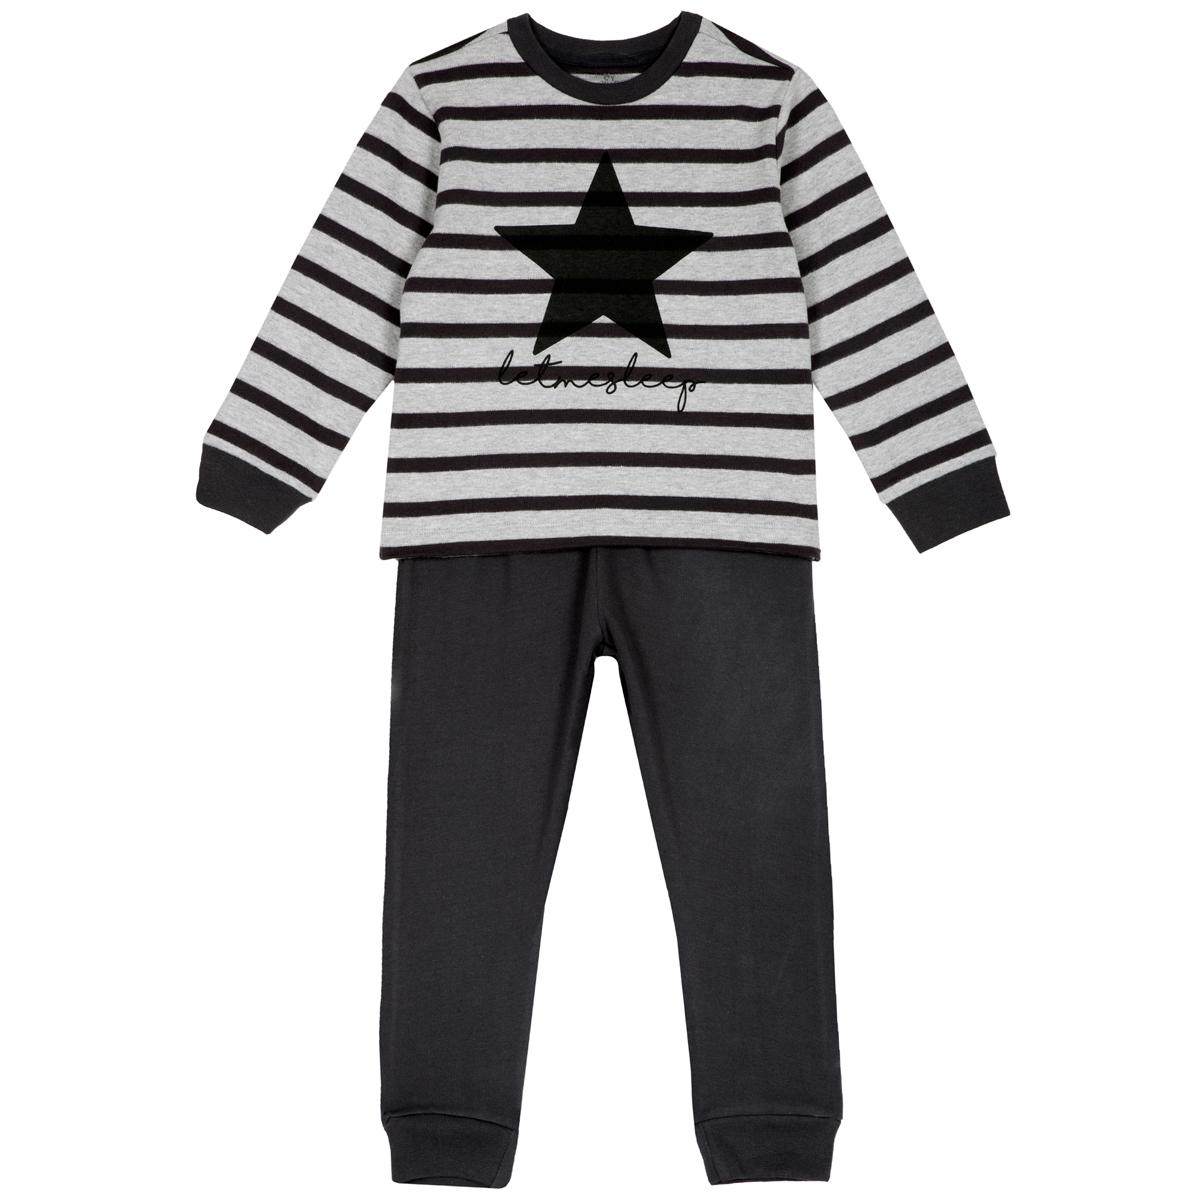 Pijama Copii Chicco, Maneca Lunga, 31284 imagine